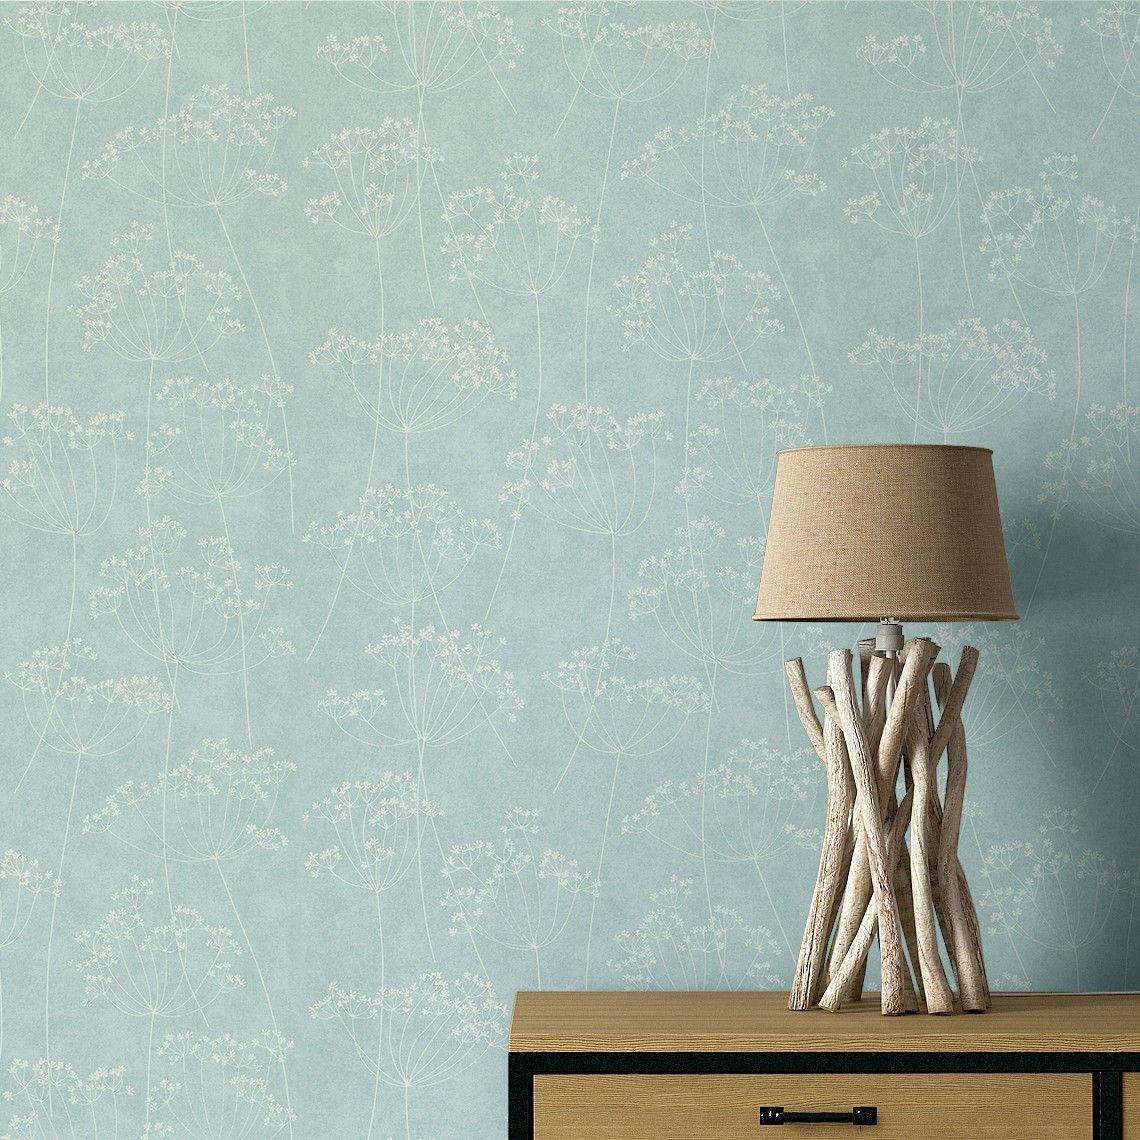 Peindre sur de la tapisserie cheap quelle colle pour - Peut on repeindre sur de la tapisserie ...